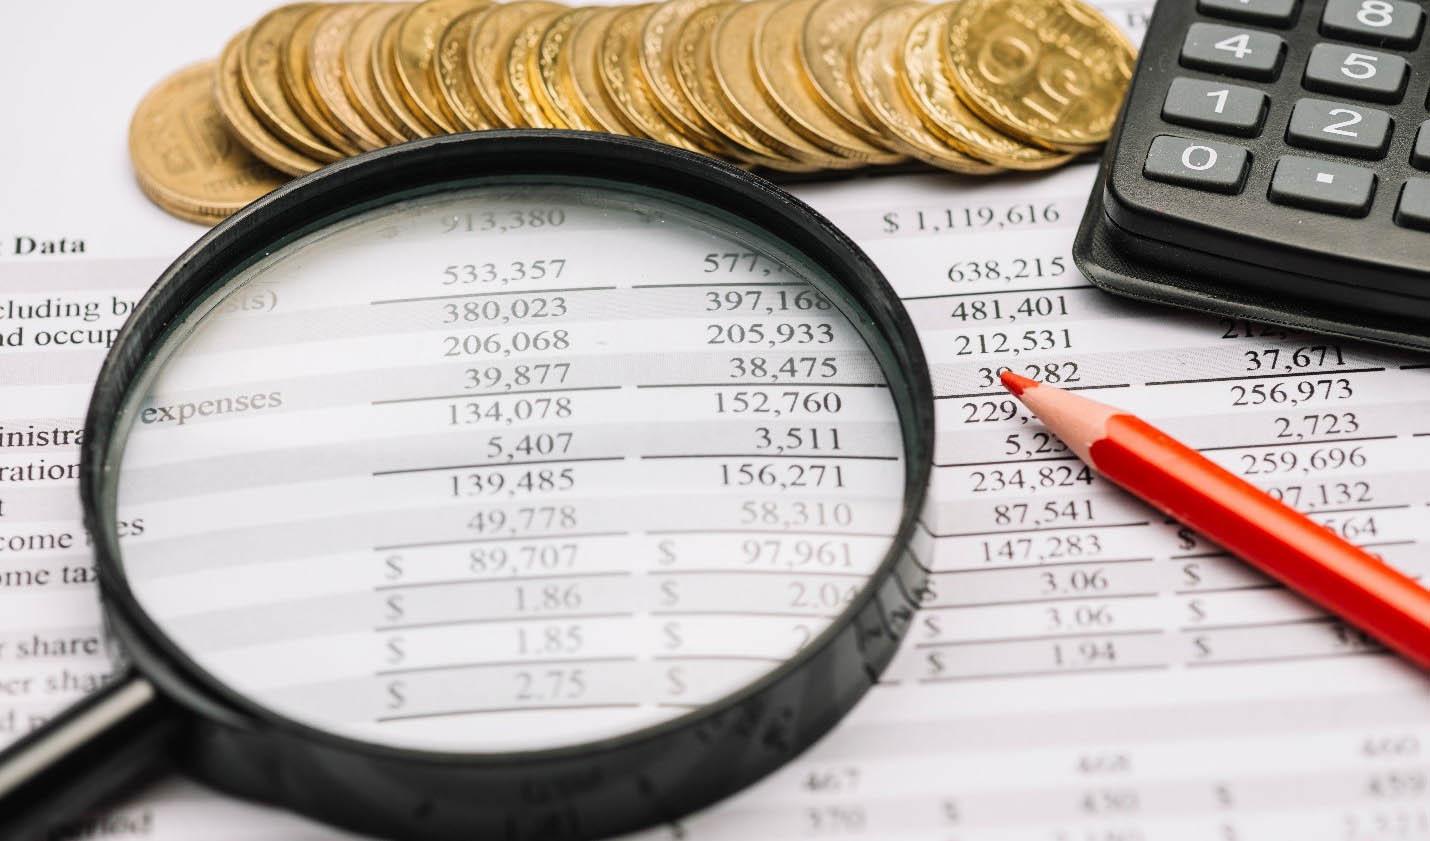 پارسایی: بدهی مالیاتی افراد حقیقی و حقوقی ۱۷۴ هزار میلیارد تومان است